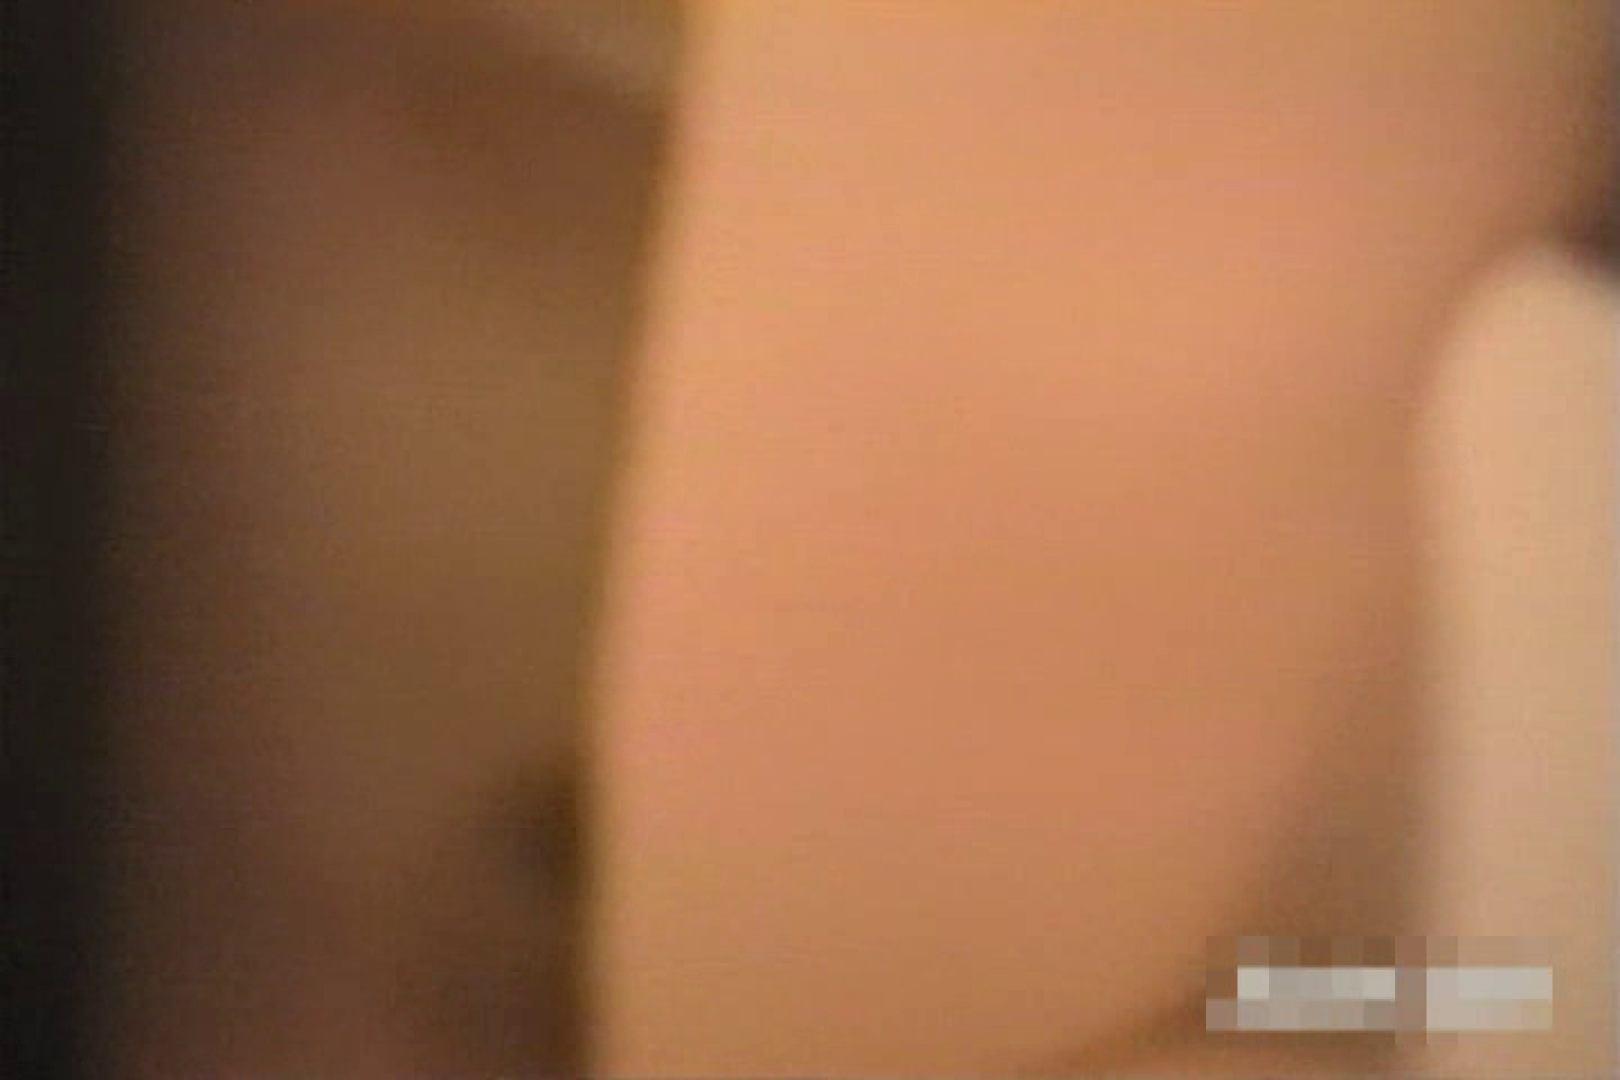 激撮ストーカー記録あなたのお宅拝見しますVol.2 プライベート オメコ動画キャプチャ 66画像 62